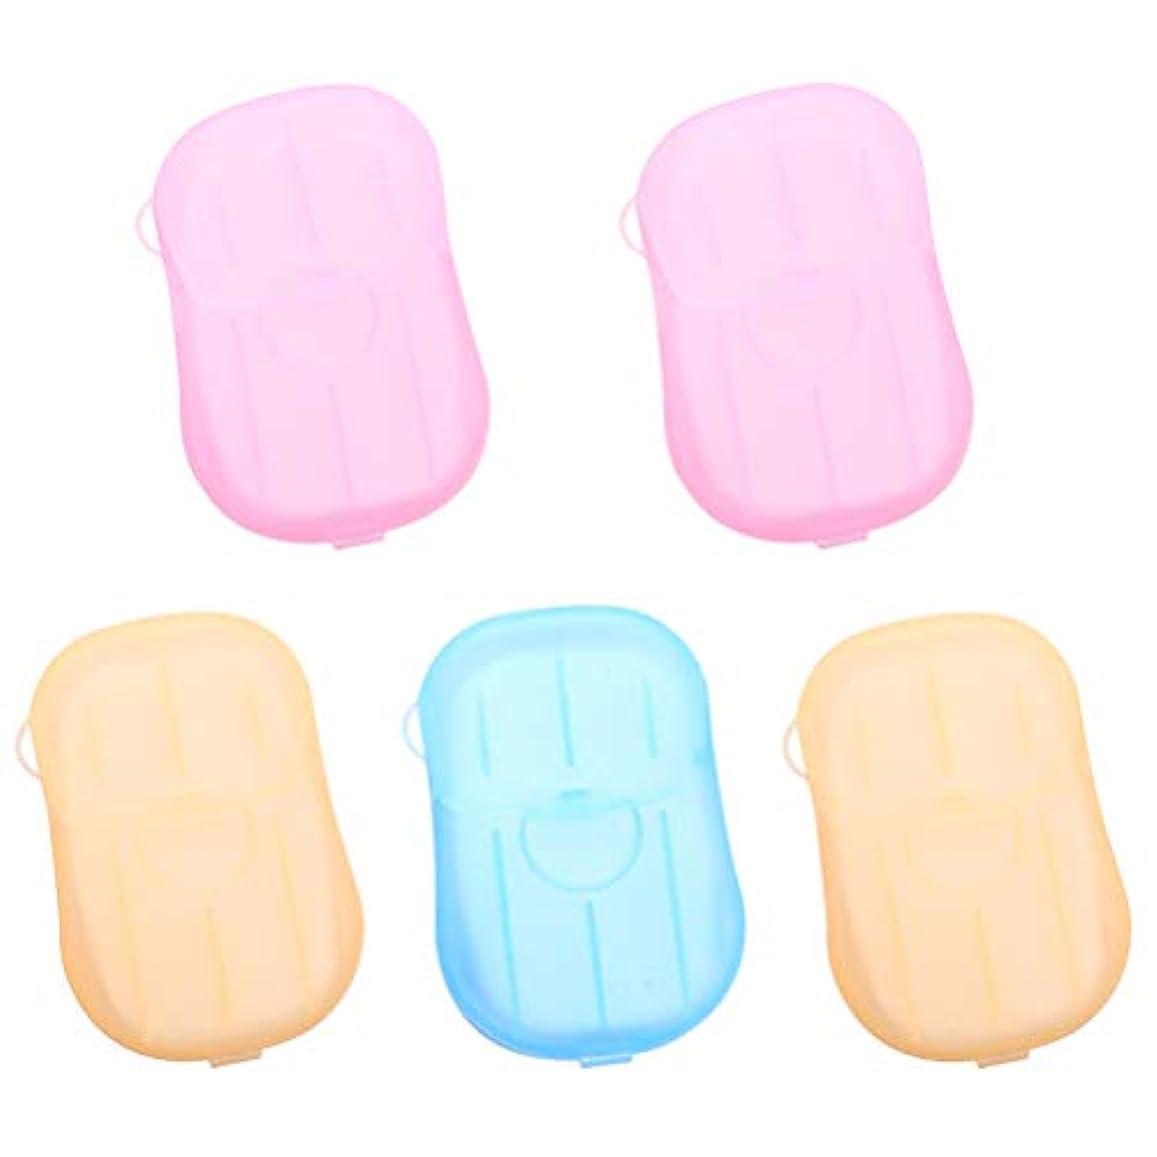 移住するマスク失速Healifty 5pcs乾燥石鹸は、発泡ボックスの紙の石鹸のフレークを洗うハンドバス石鹸のスライドシート